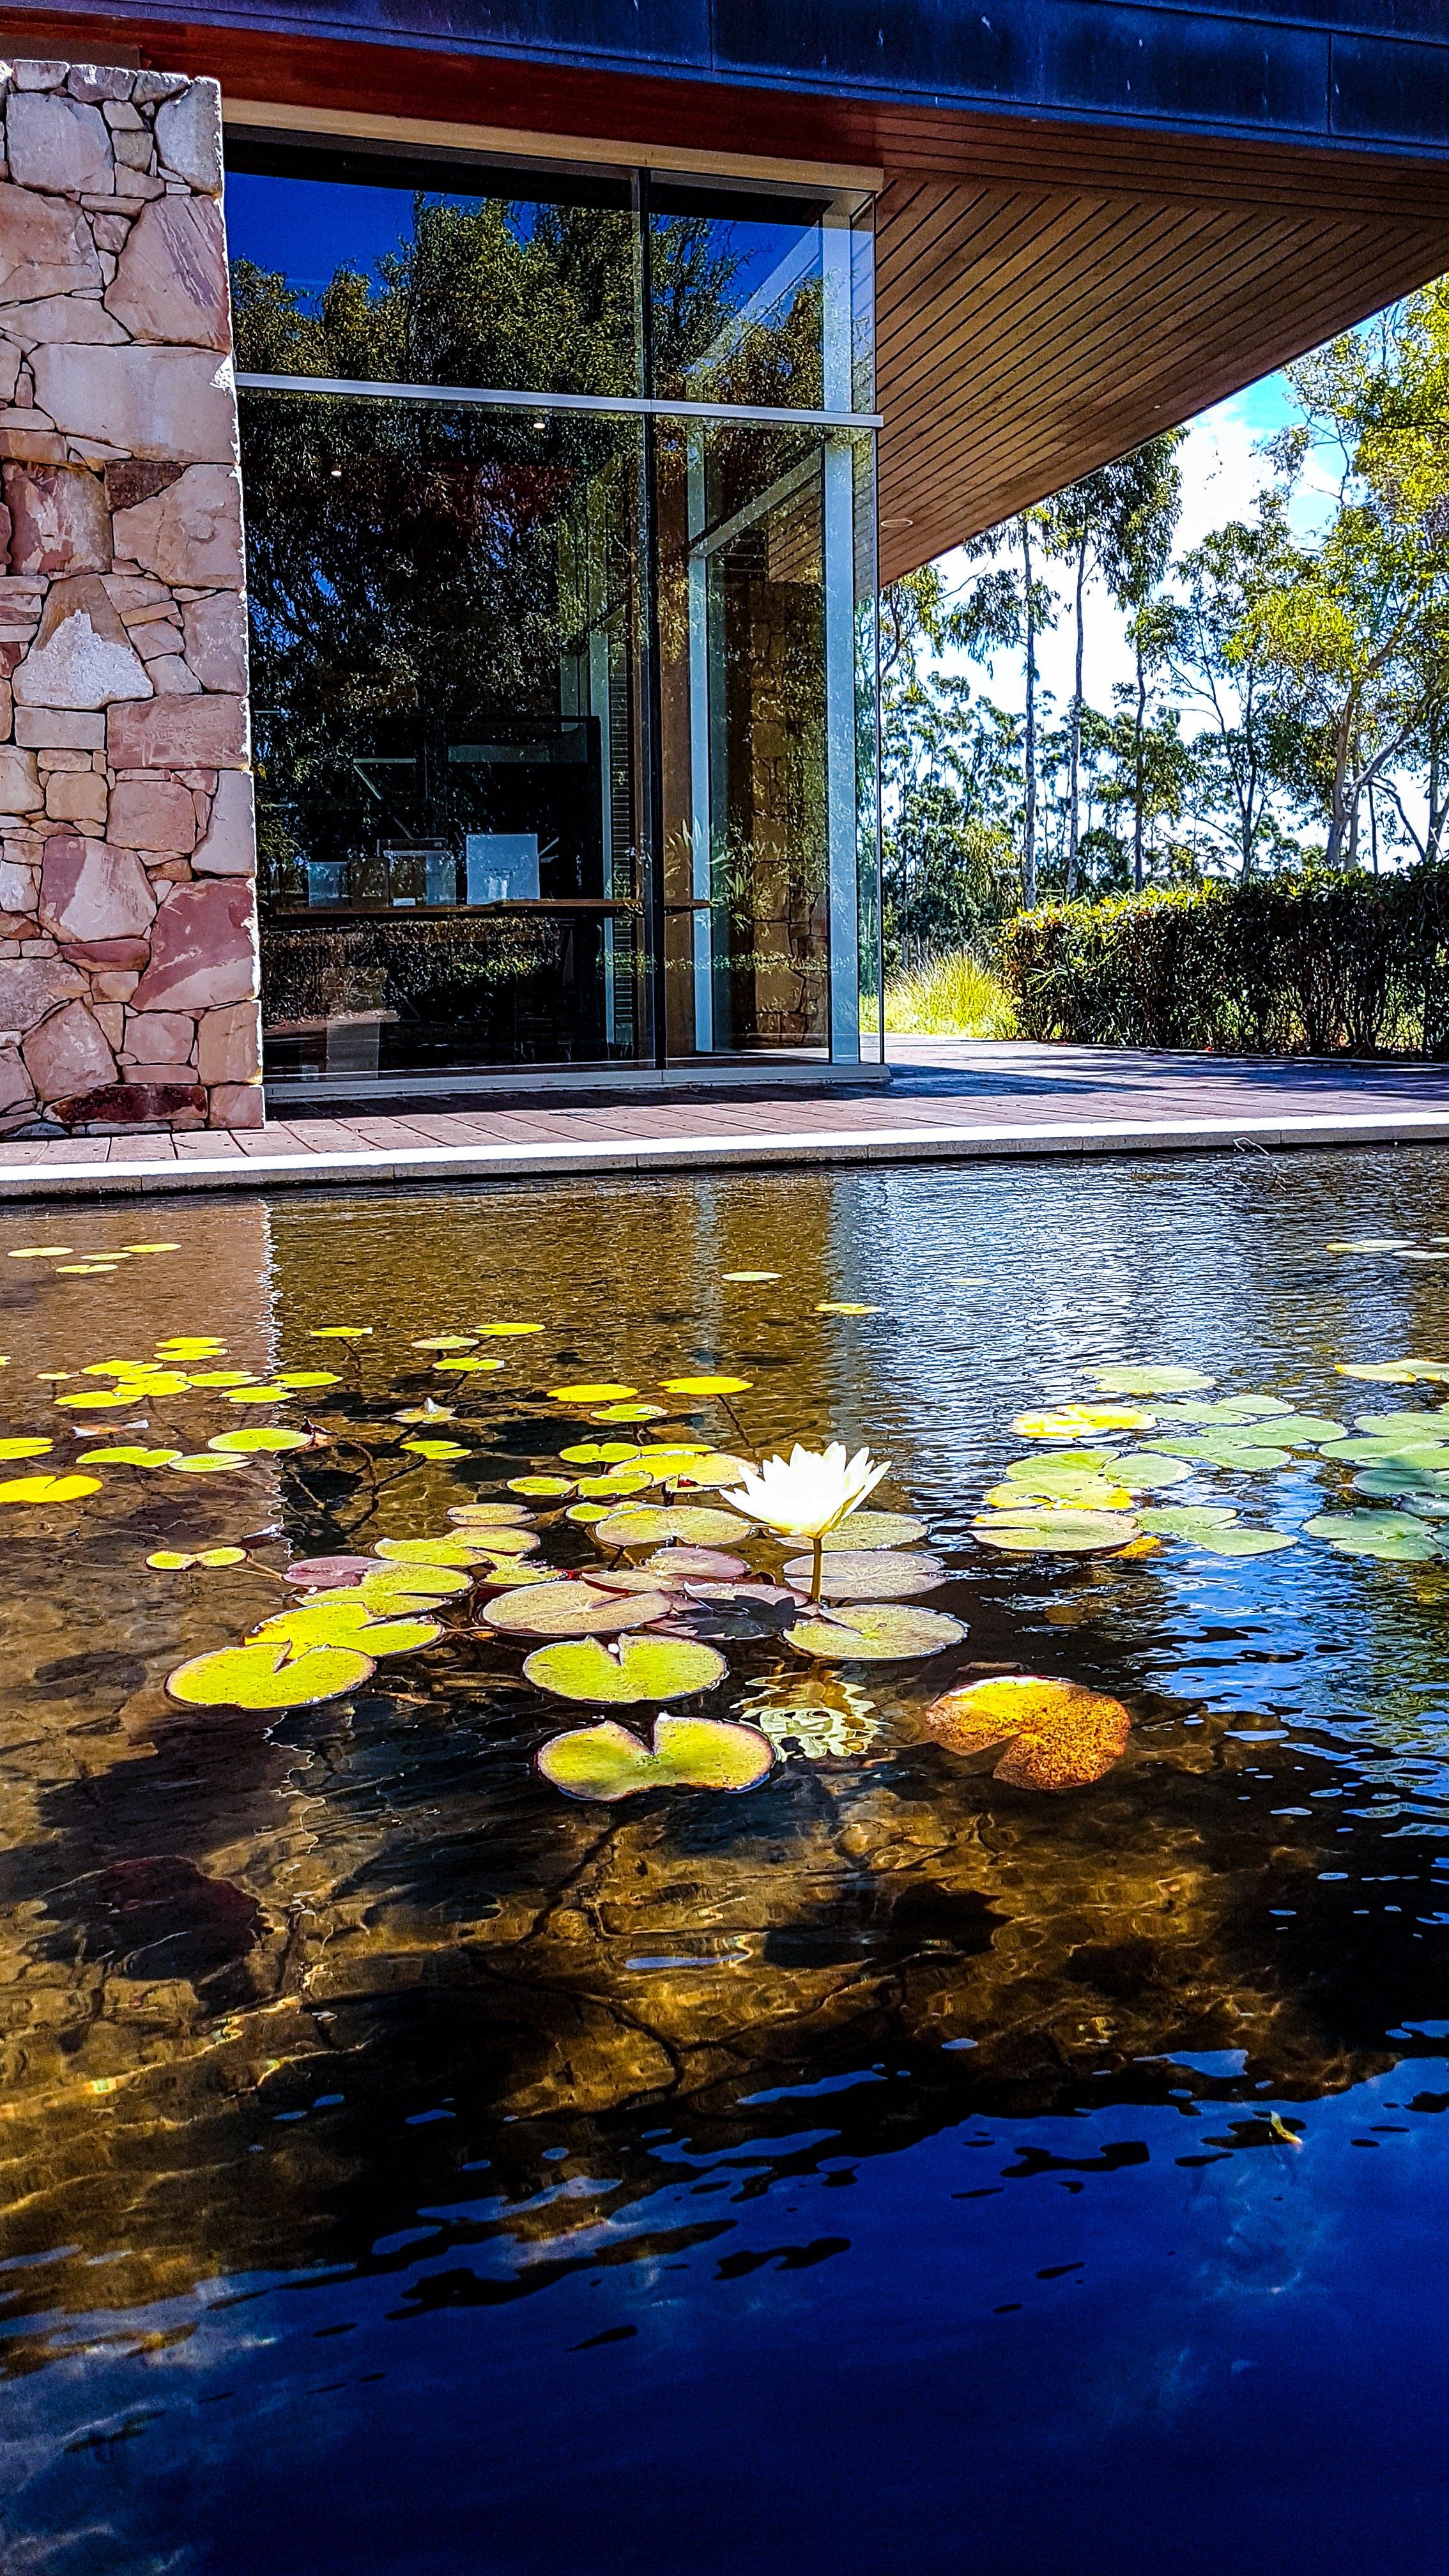 Immagine gratuita di acqua, acqua lilly, acque calme, alberi